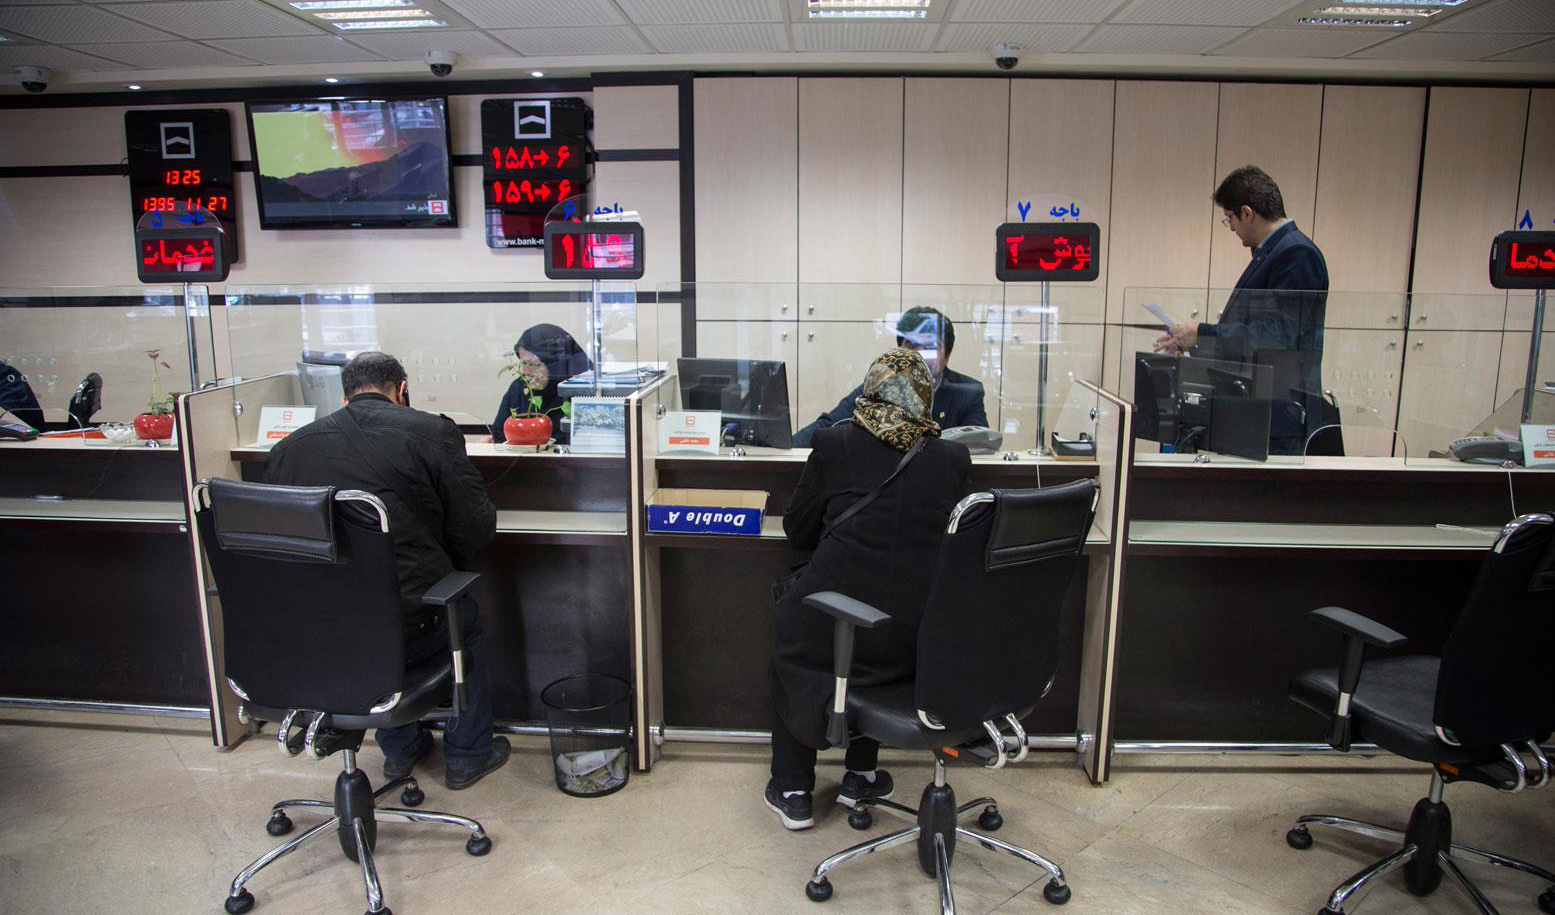 شعب و واحدهای منتخب بانکهای خصوصی فردا باز است